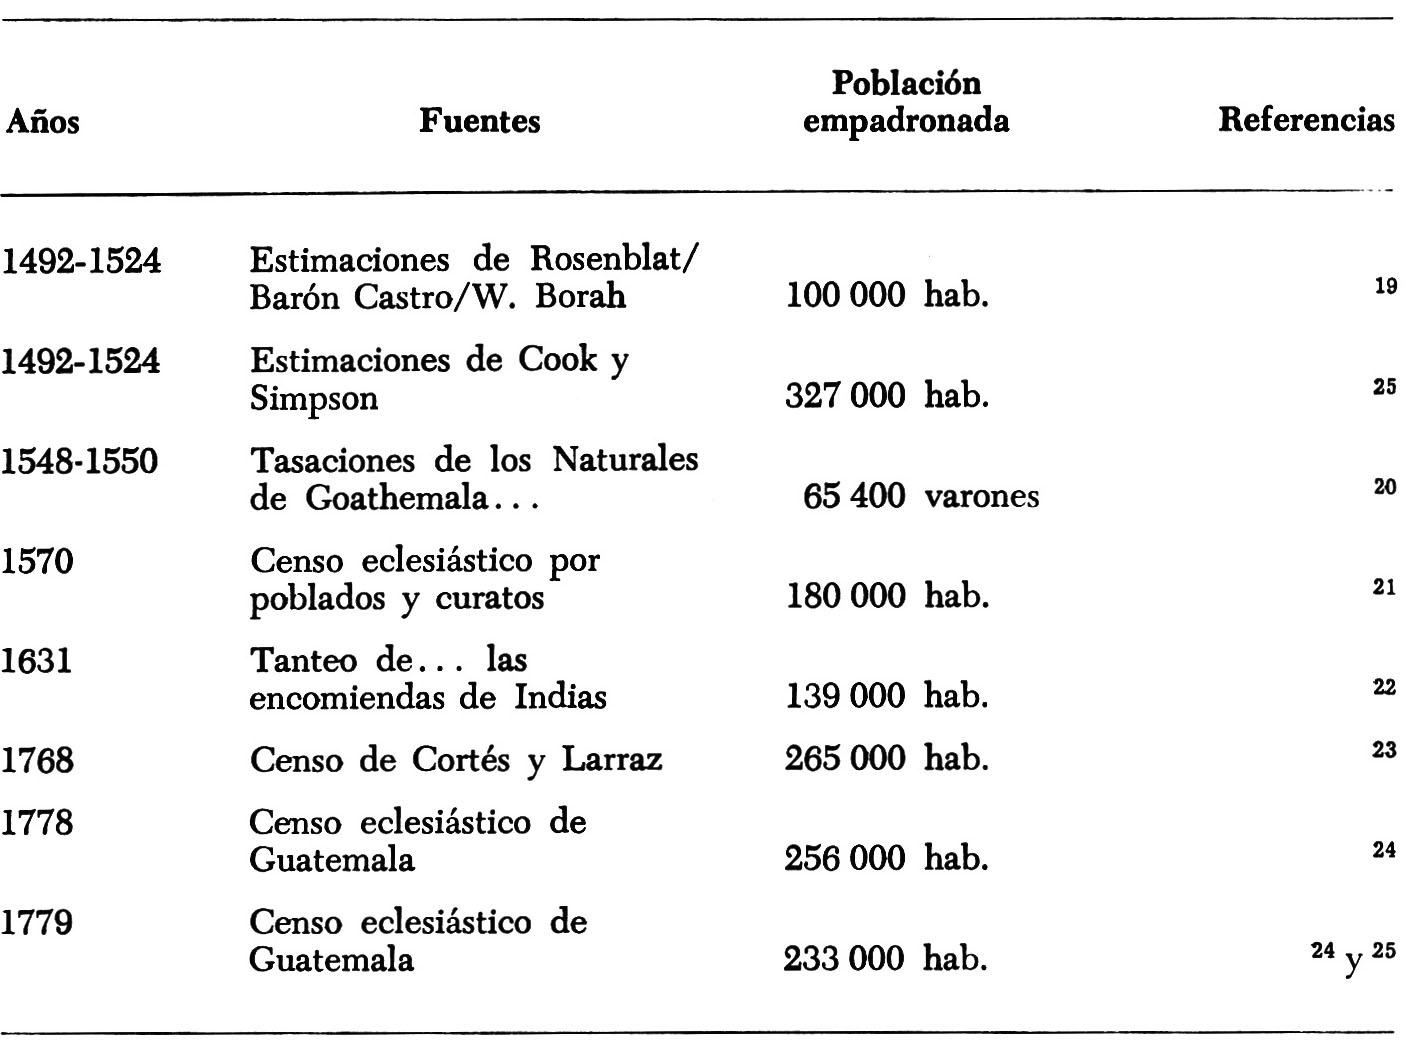 Sajcabajá, muerte y resurrección de un pueblo de Guatemala ...